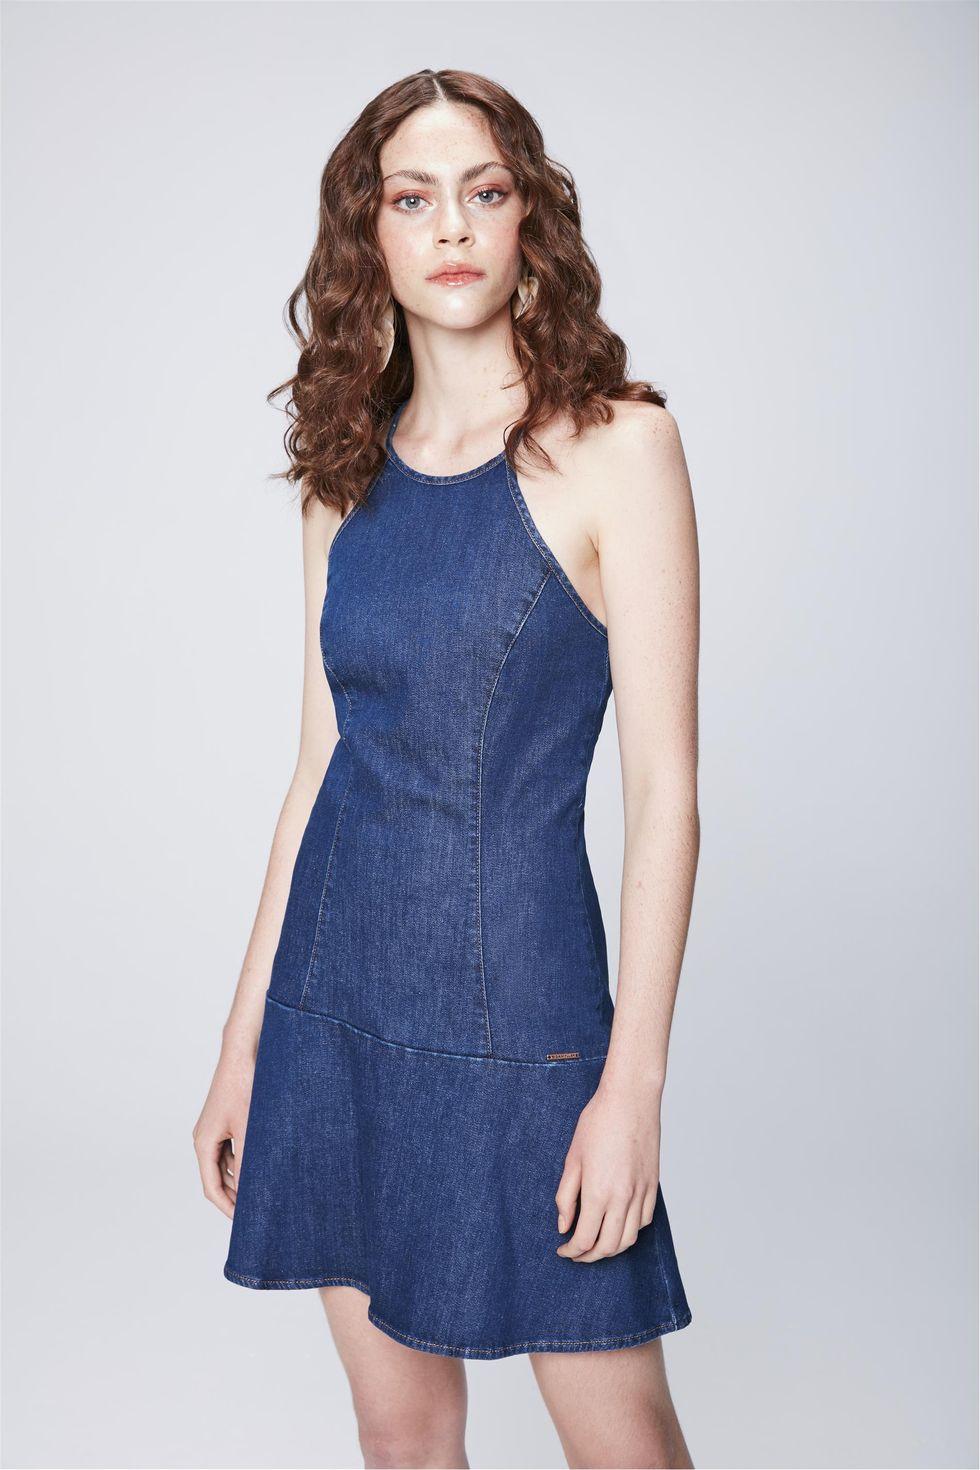 Vestido-Jeans-com-Babado-na-Barra-Frente--